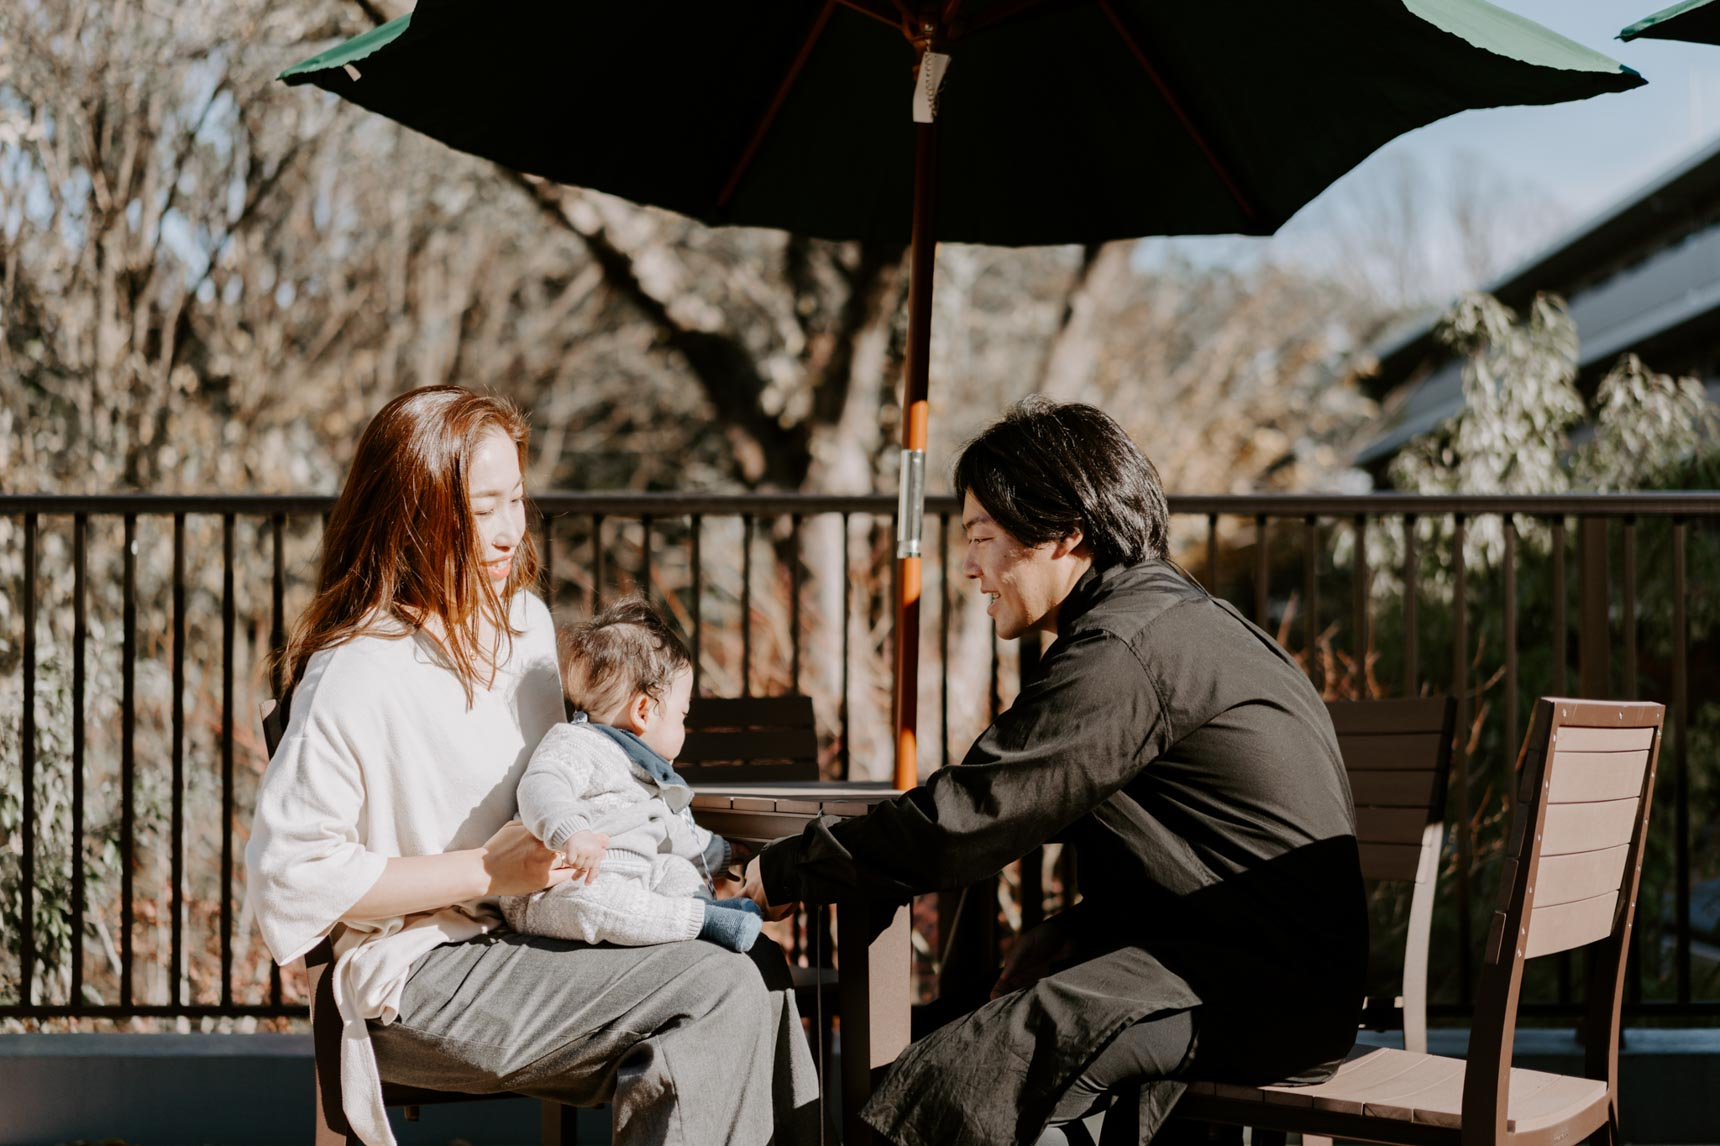 子育てを考える世代にとって、部屋探しで一番大切なことってなに?プライムメゾン江古田の杜で「これからの子育て&賃貸」について、みんなでトークしました。